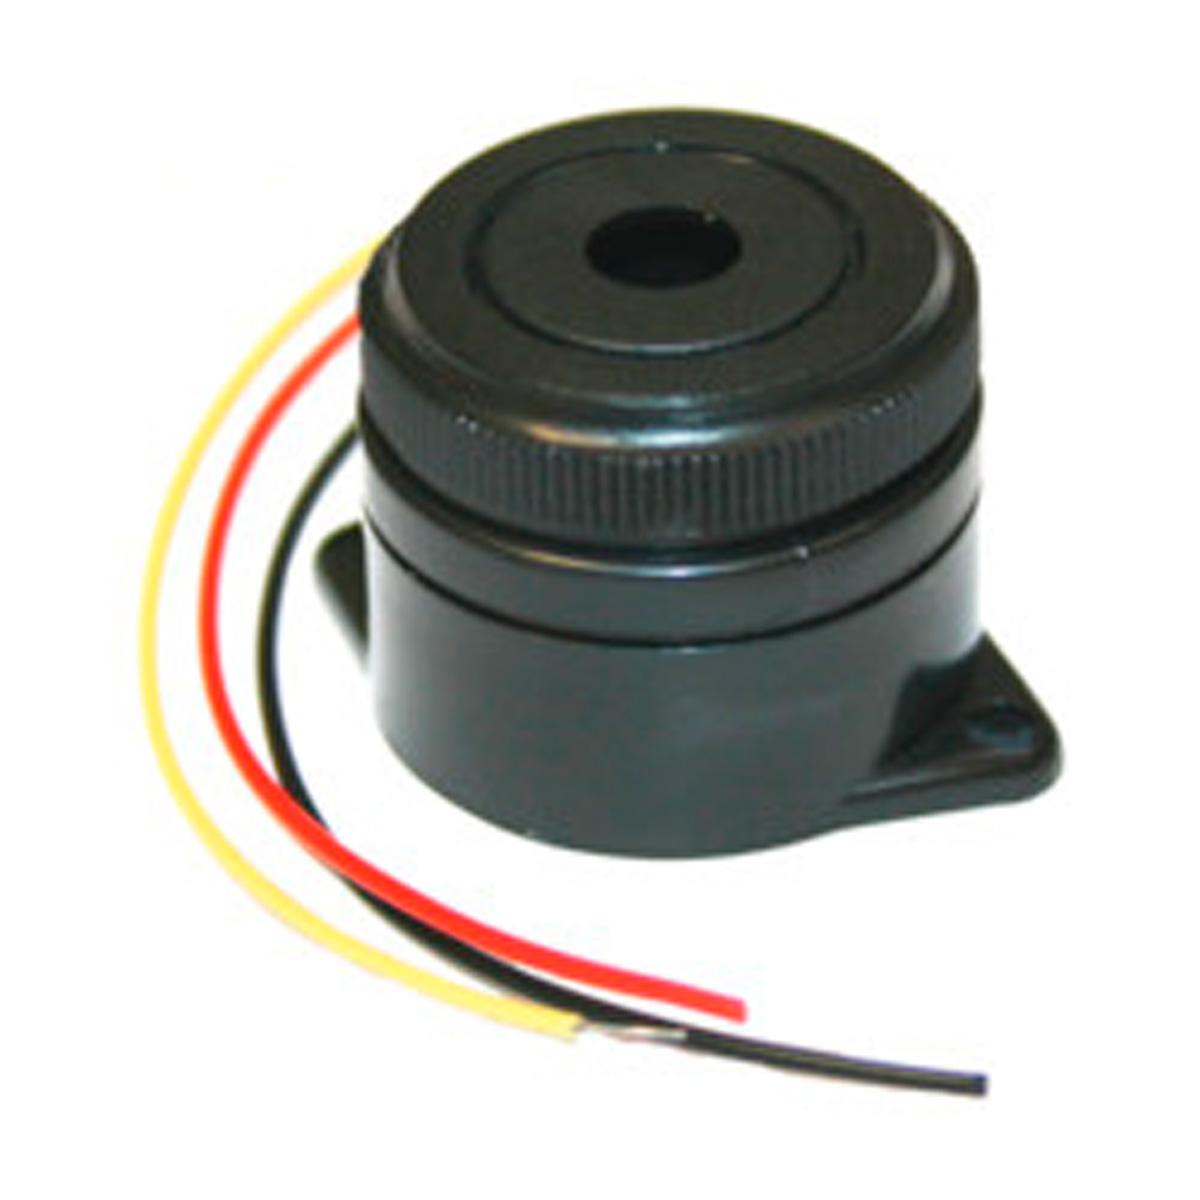 Circuito Zumbador Piezoelectrico : Zumbador piezoelectrico vdc intermitente